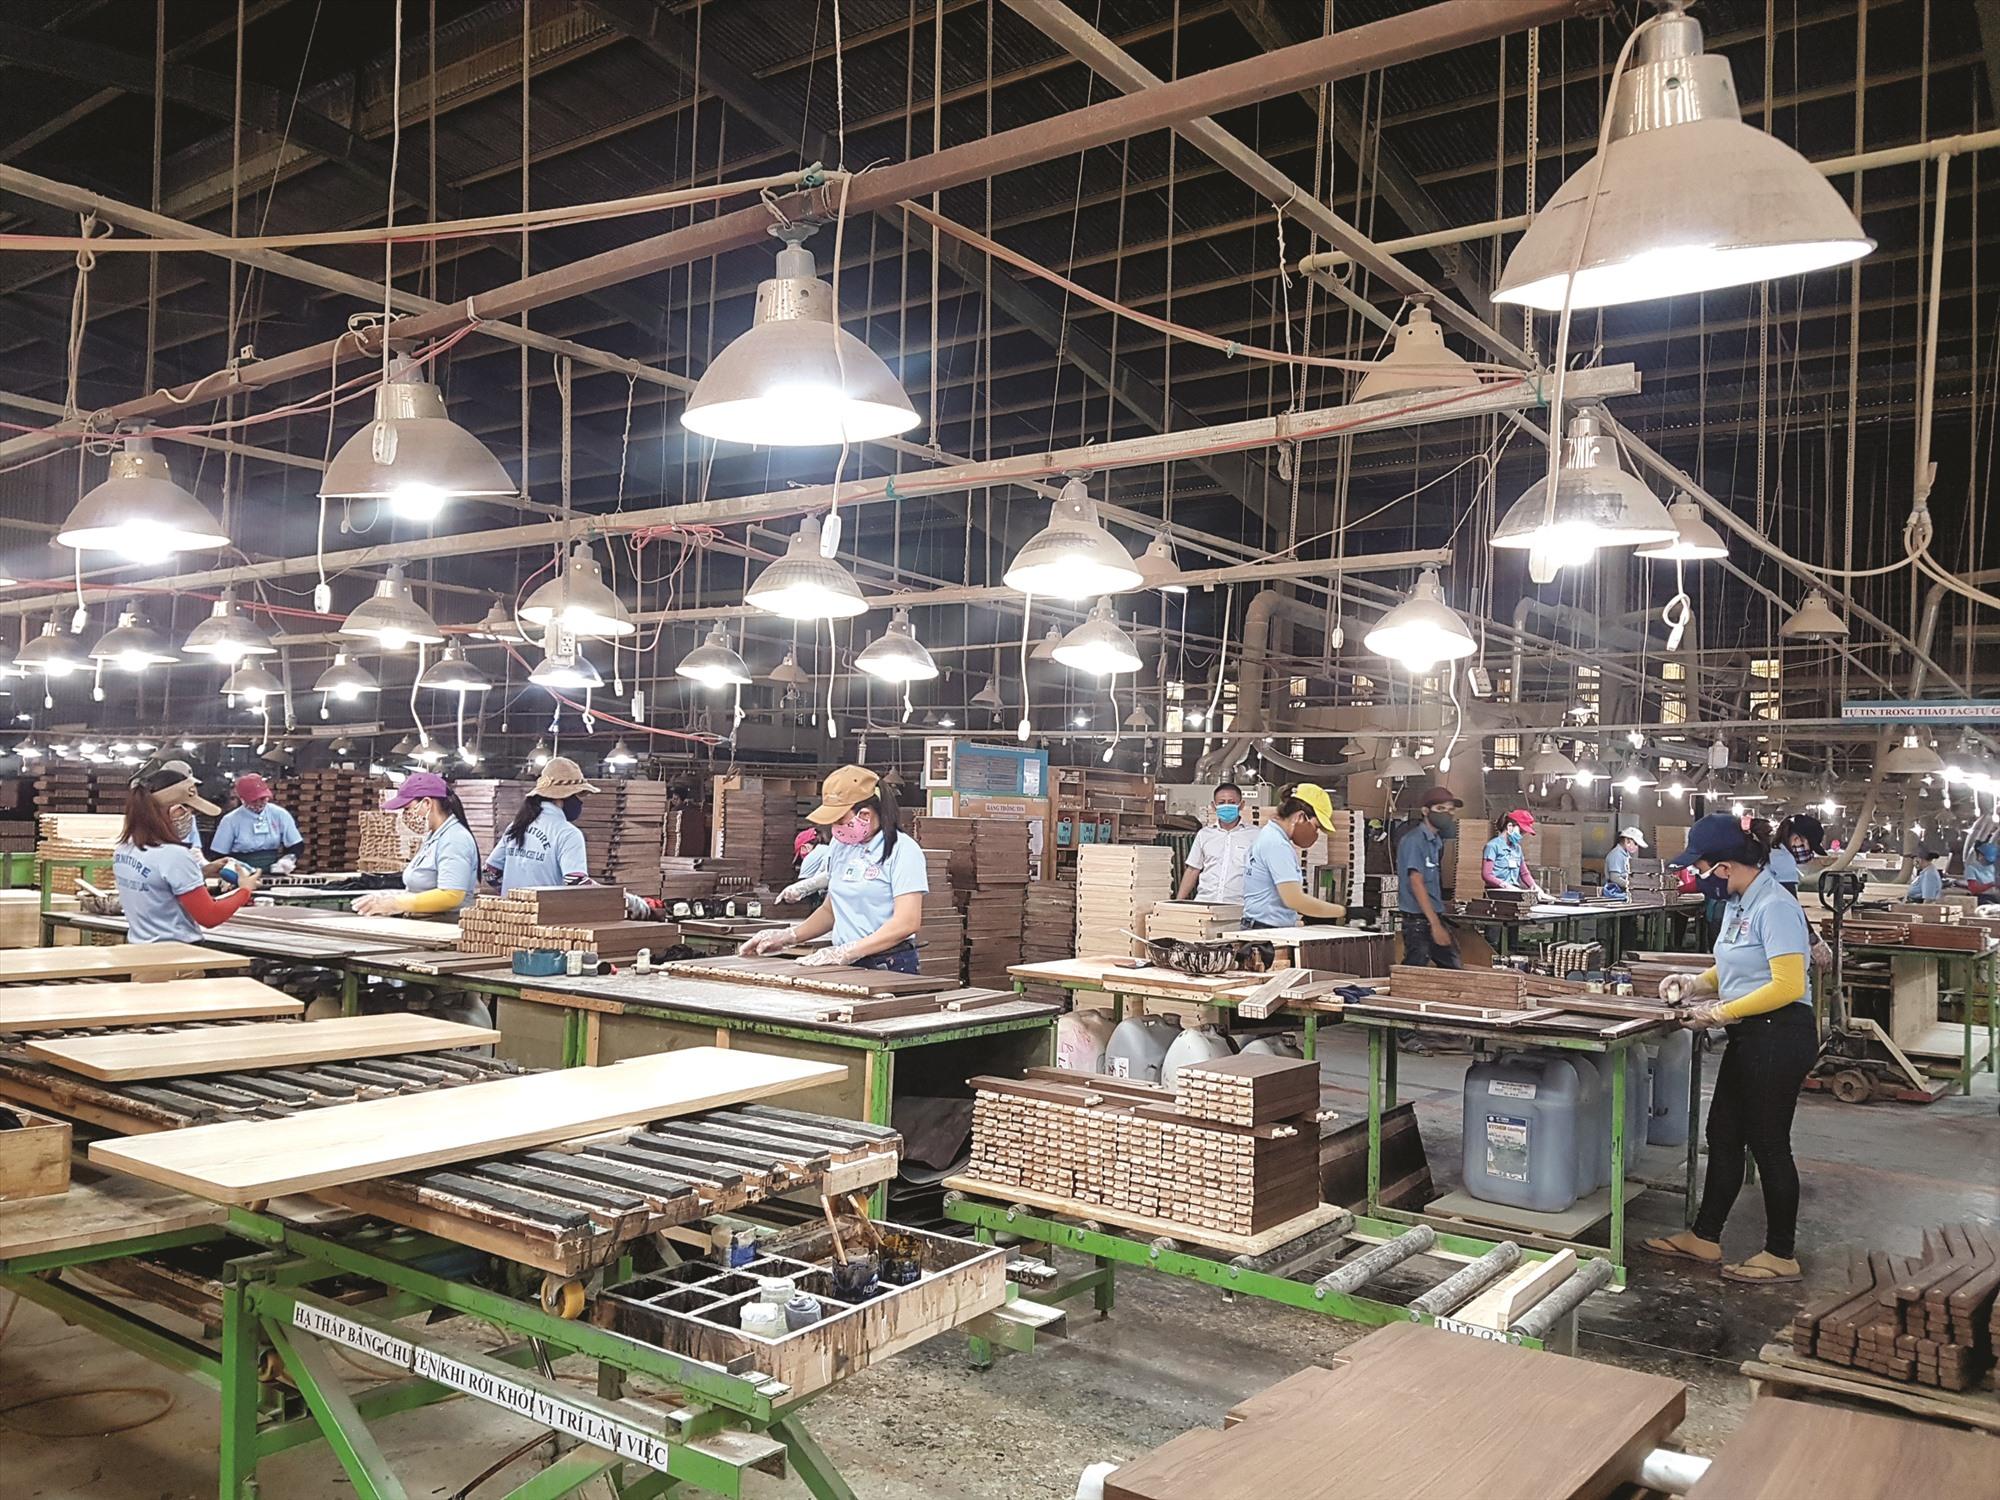 Nhiều lao động làm việc trong doanh nghiệp phải tạm hoãn thực hiện hợp đồng lao động do dịch bệnh đợt 1 trông chờ được nhận hỗ trợ. Ảnh: D.L